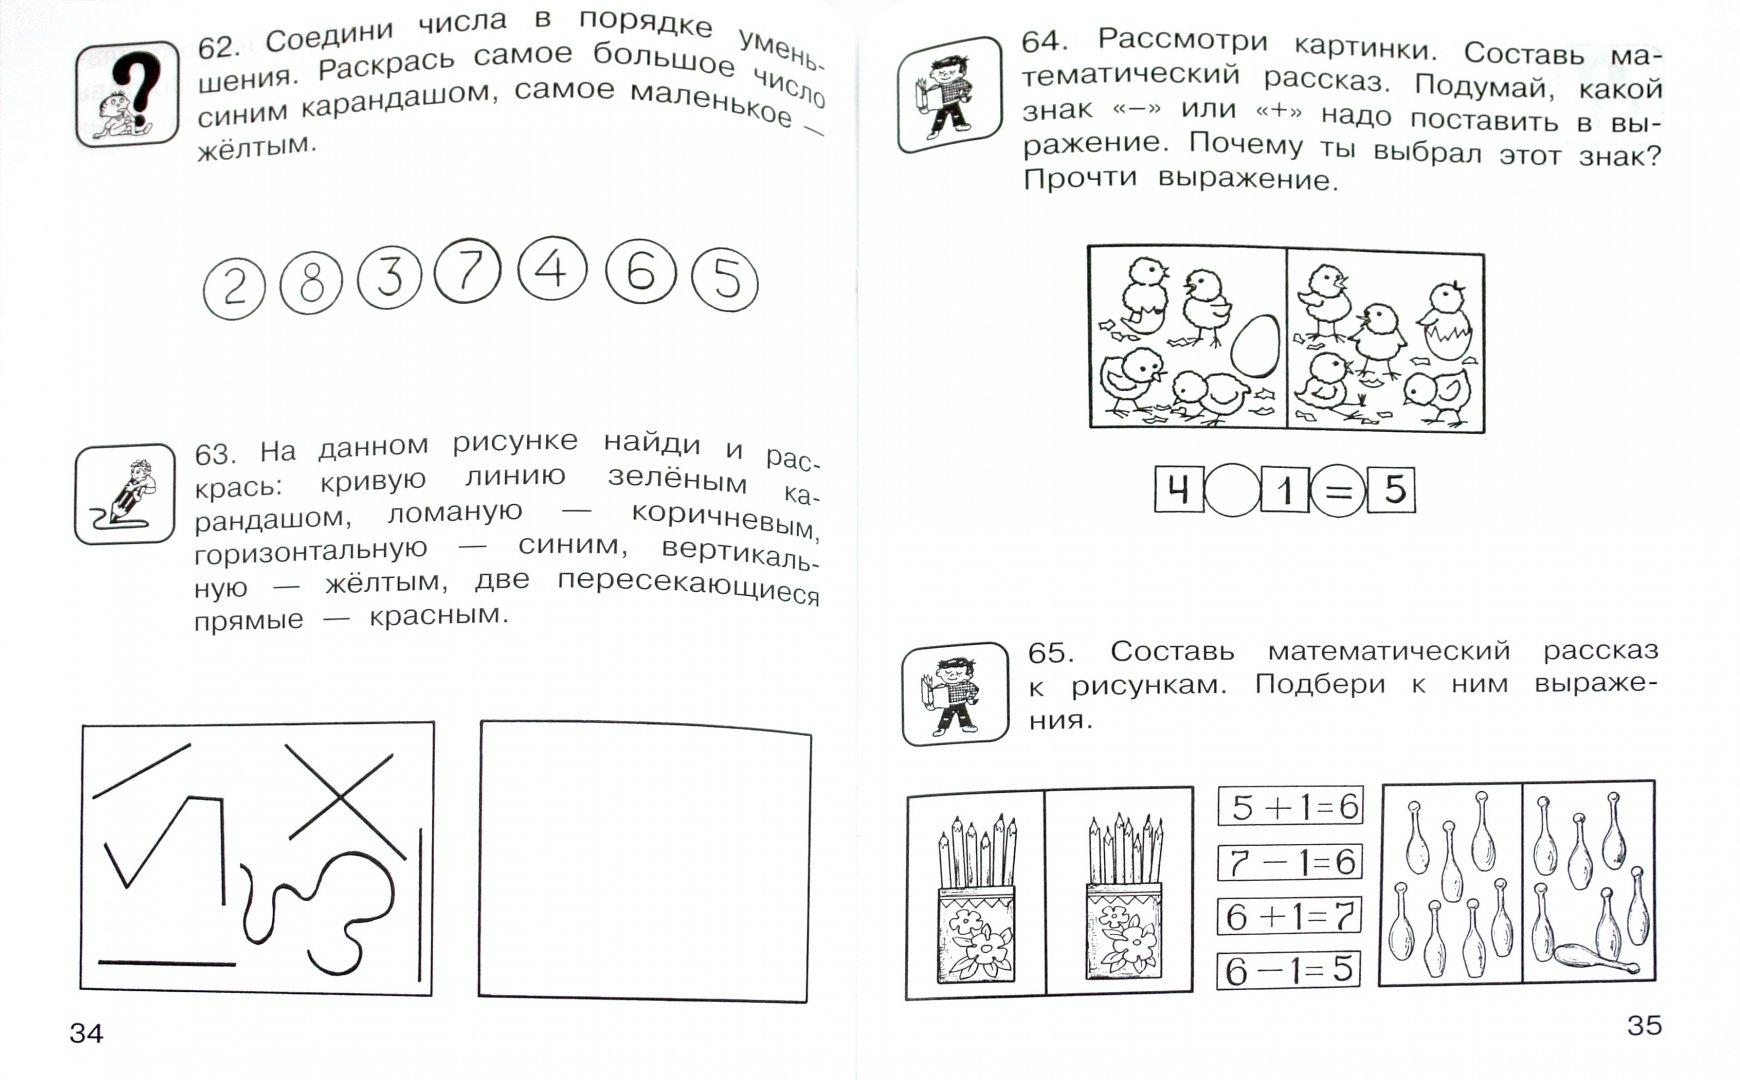 Иллюстрация 1 из 7 для Смекалочка. Рабочая тетрадь - Любовь Кушнарева | Лабиринт - книги. Источник: Лабиринт